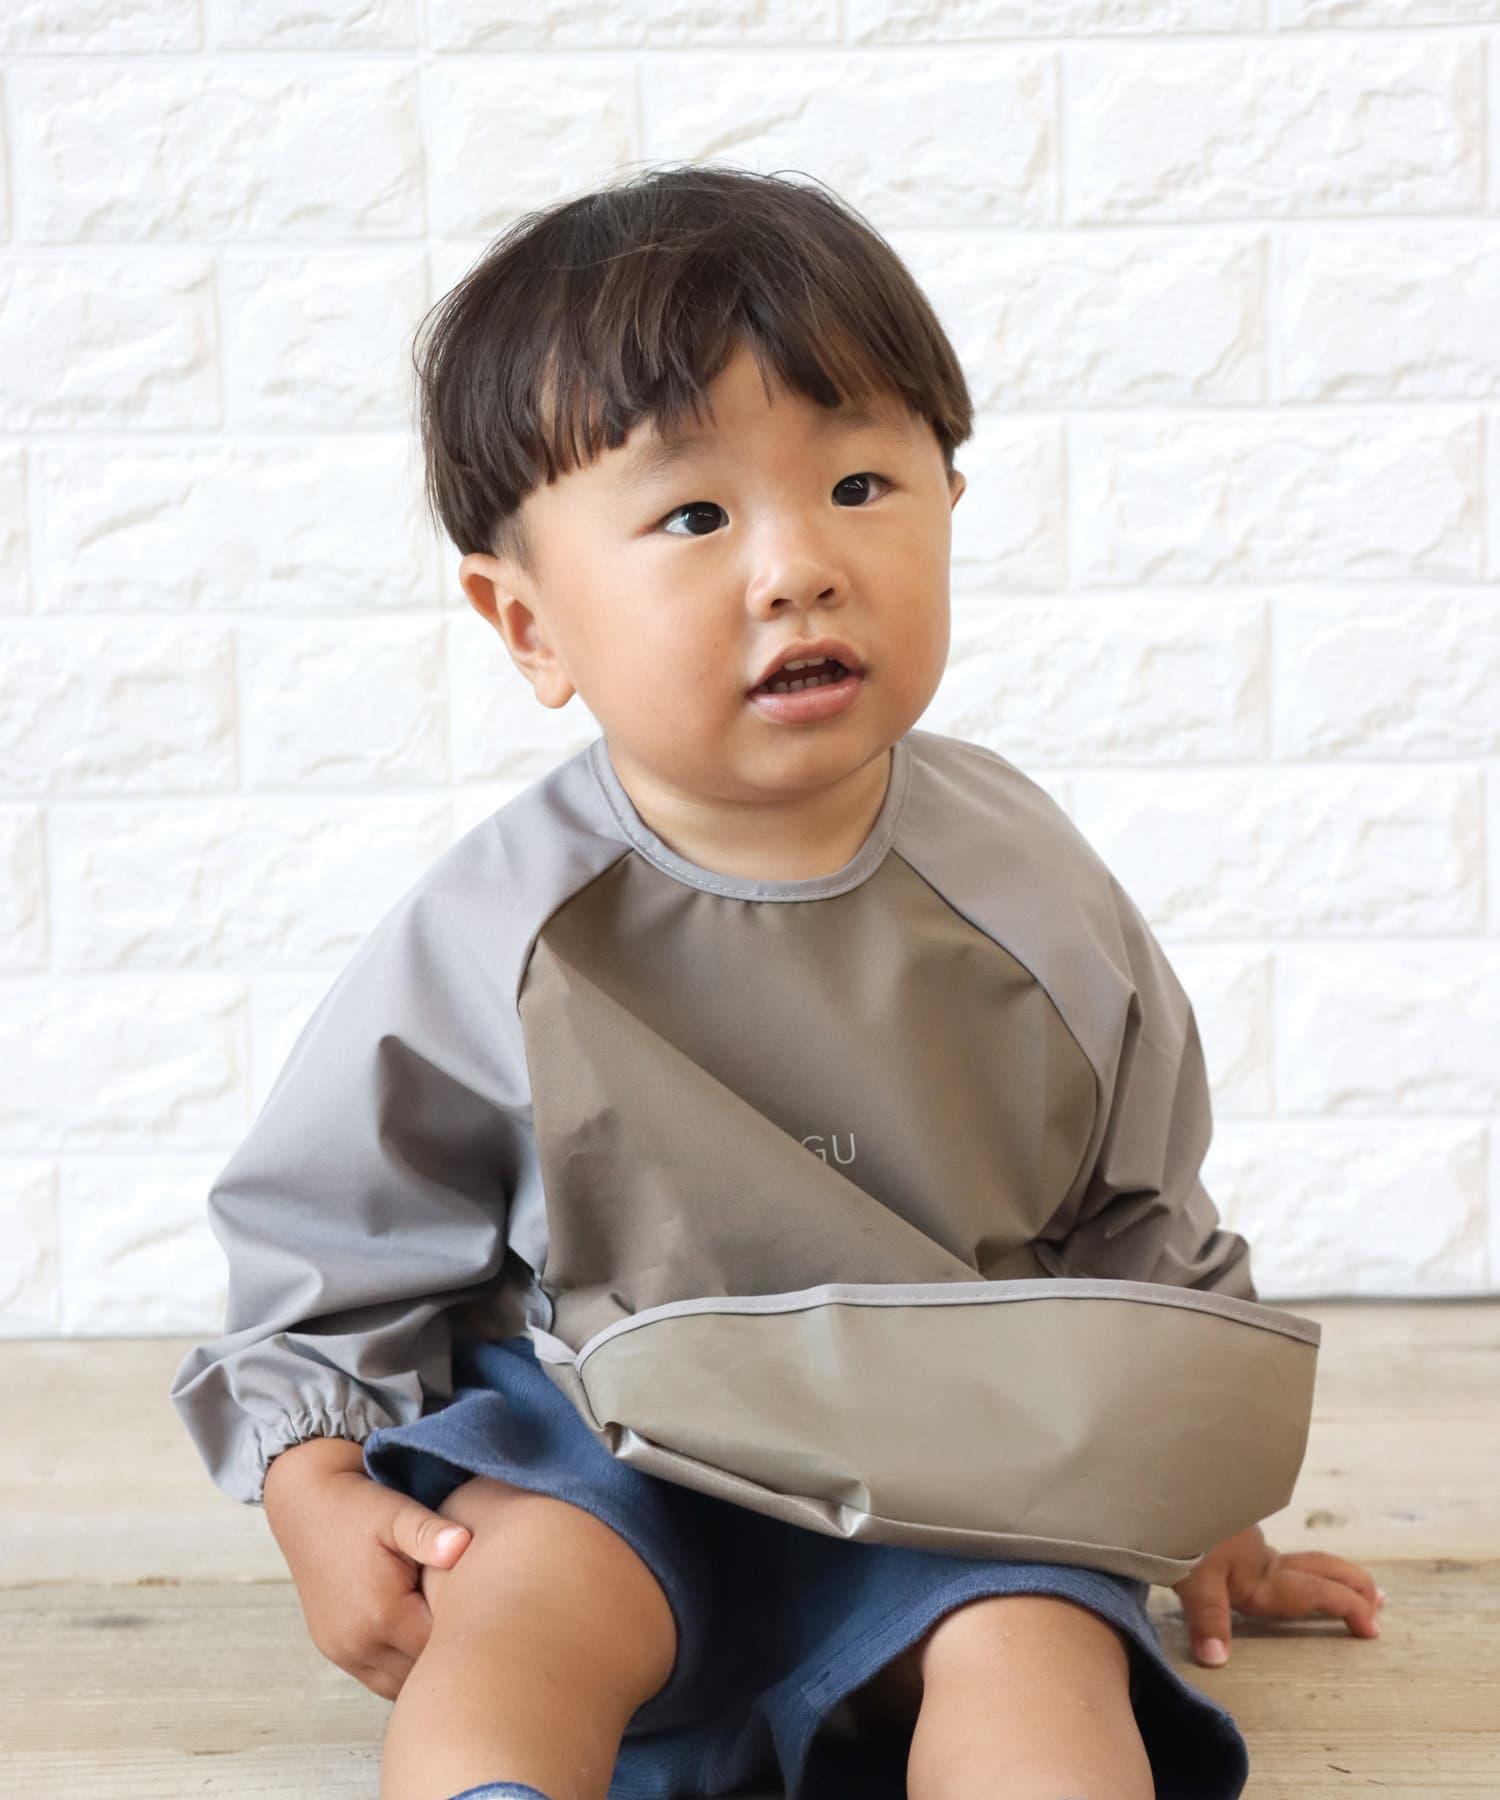 3COINS(スリーコインズ) 【お手入れ簡単・食べこぼし防止】長袖お食事エプロン